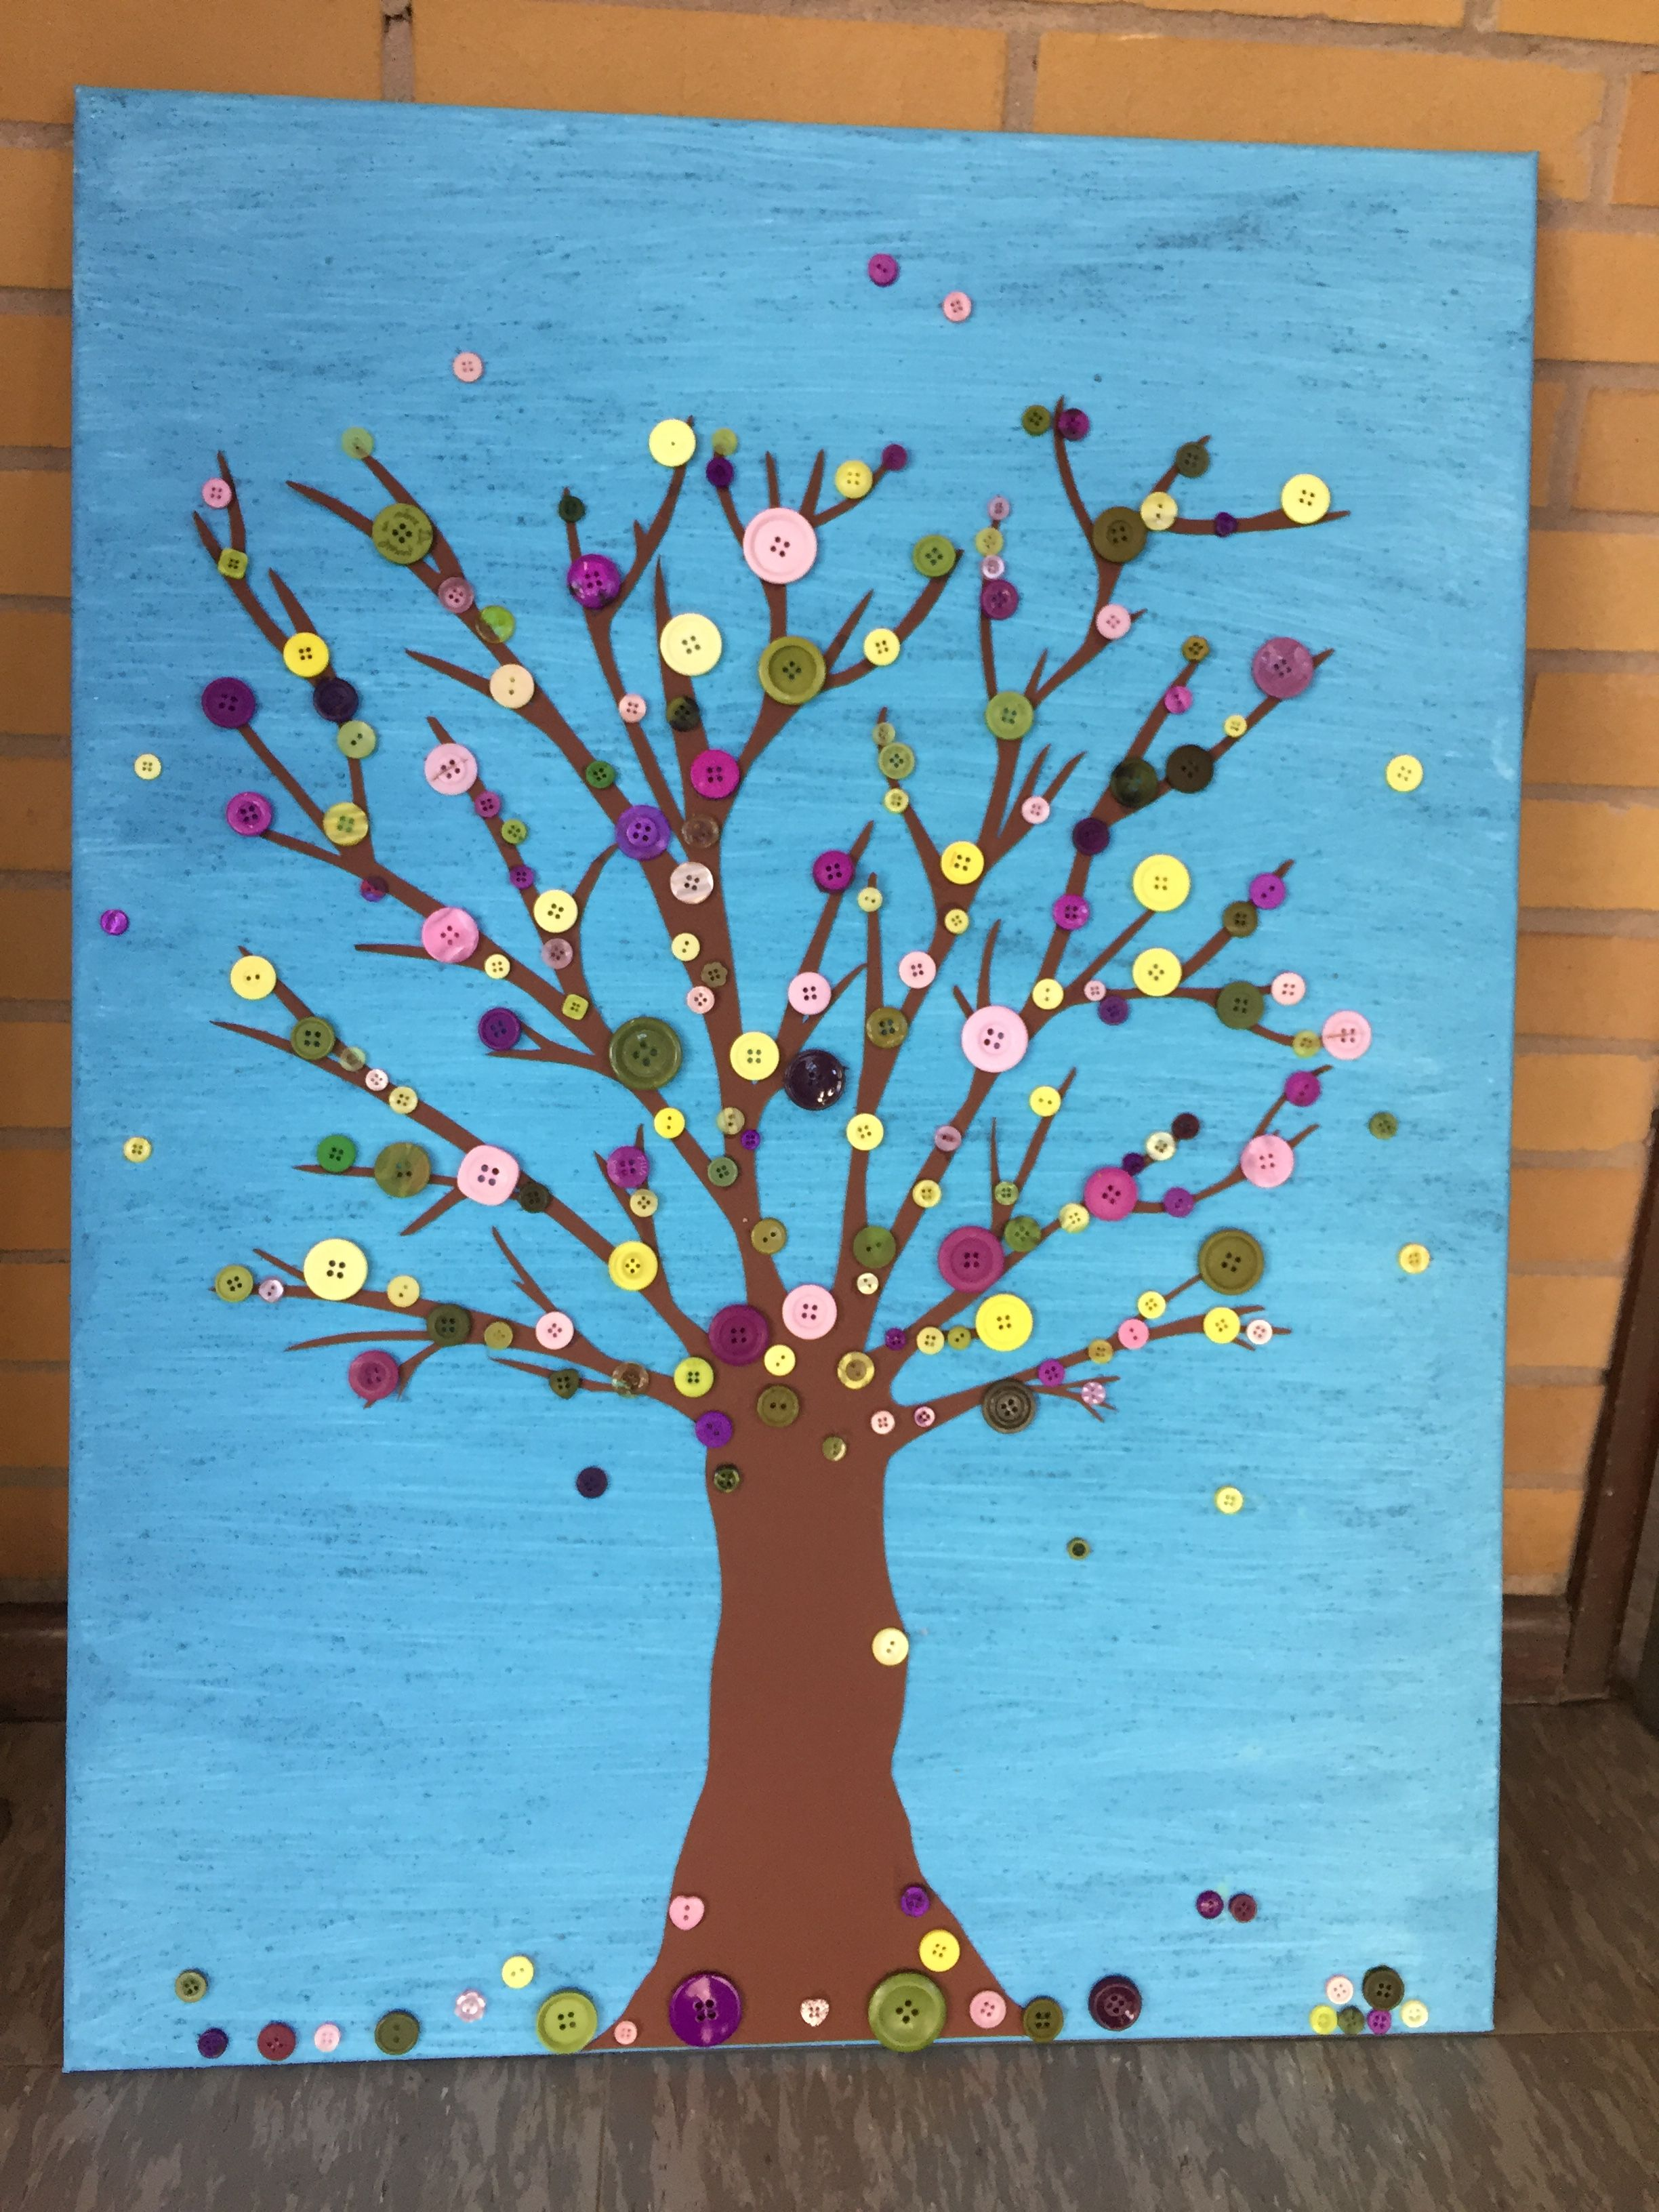 Leinwand gestalten mit Kindern Knopf Baum | Selfmade | Pinterest ...